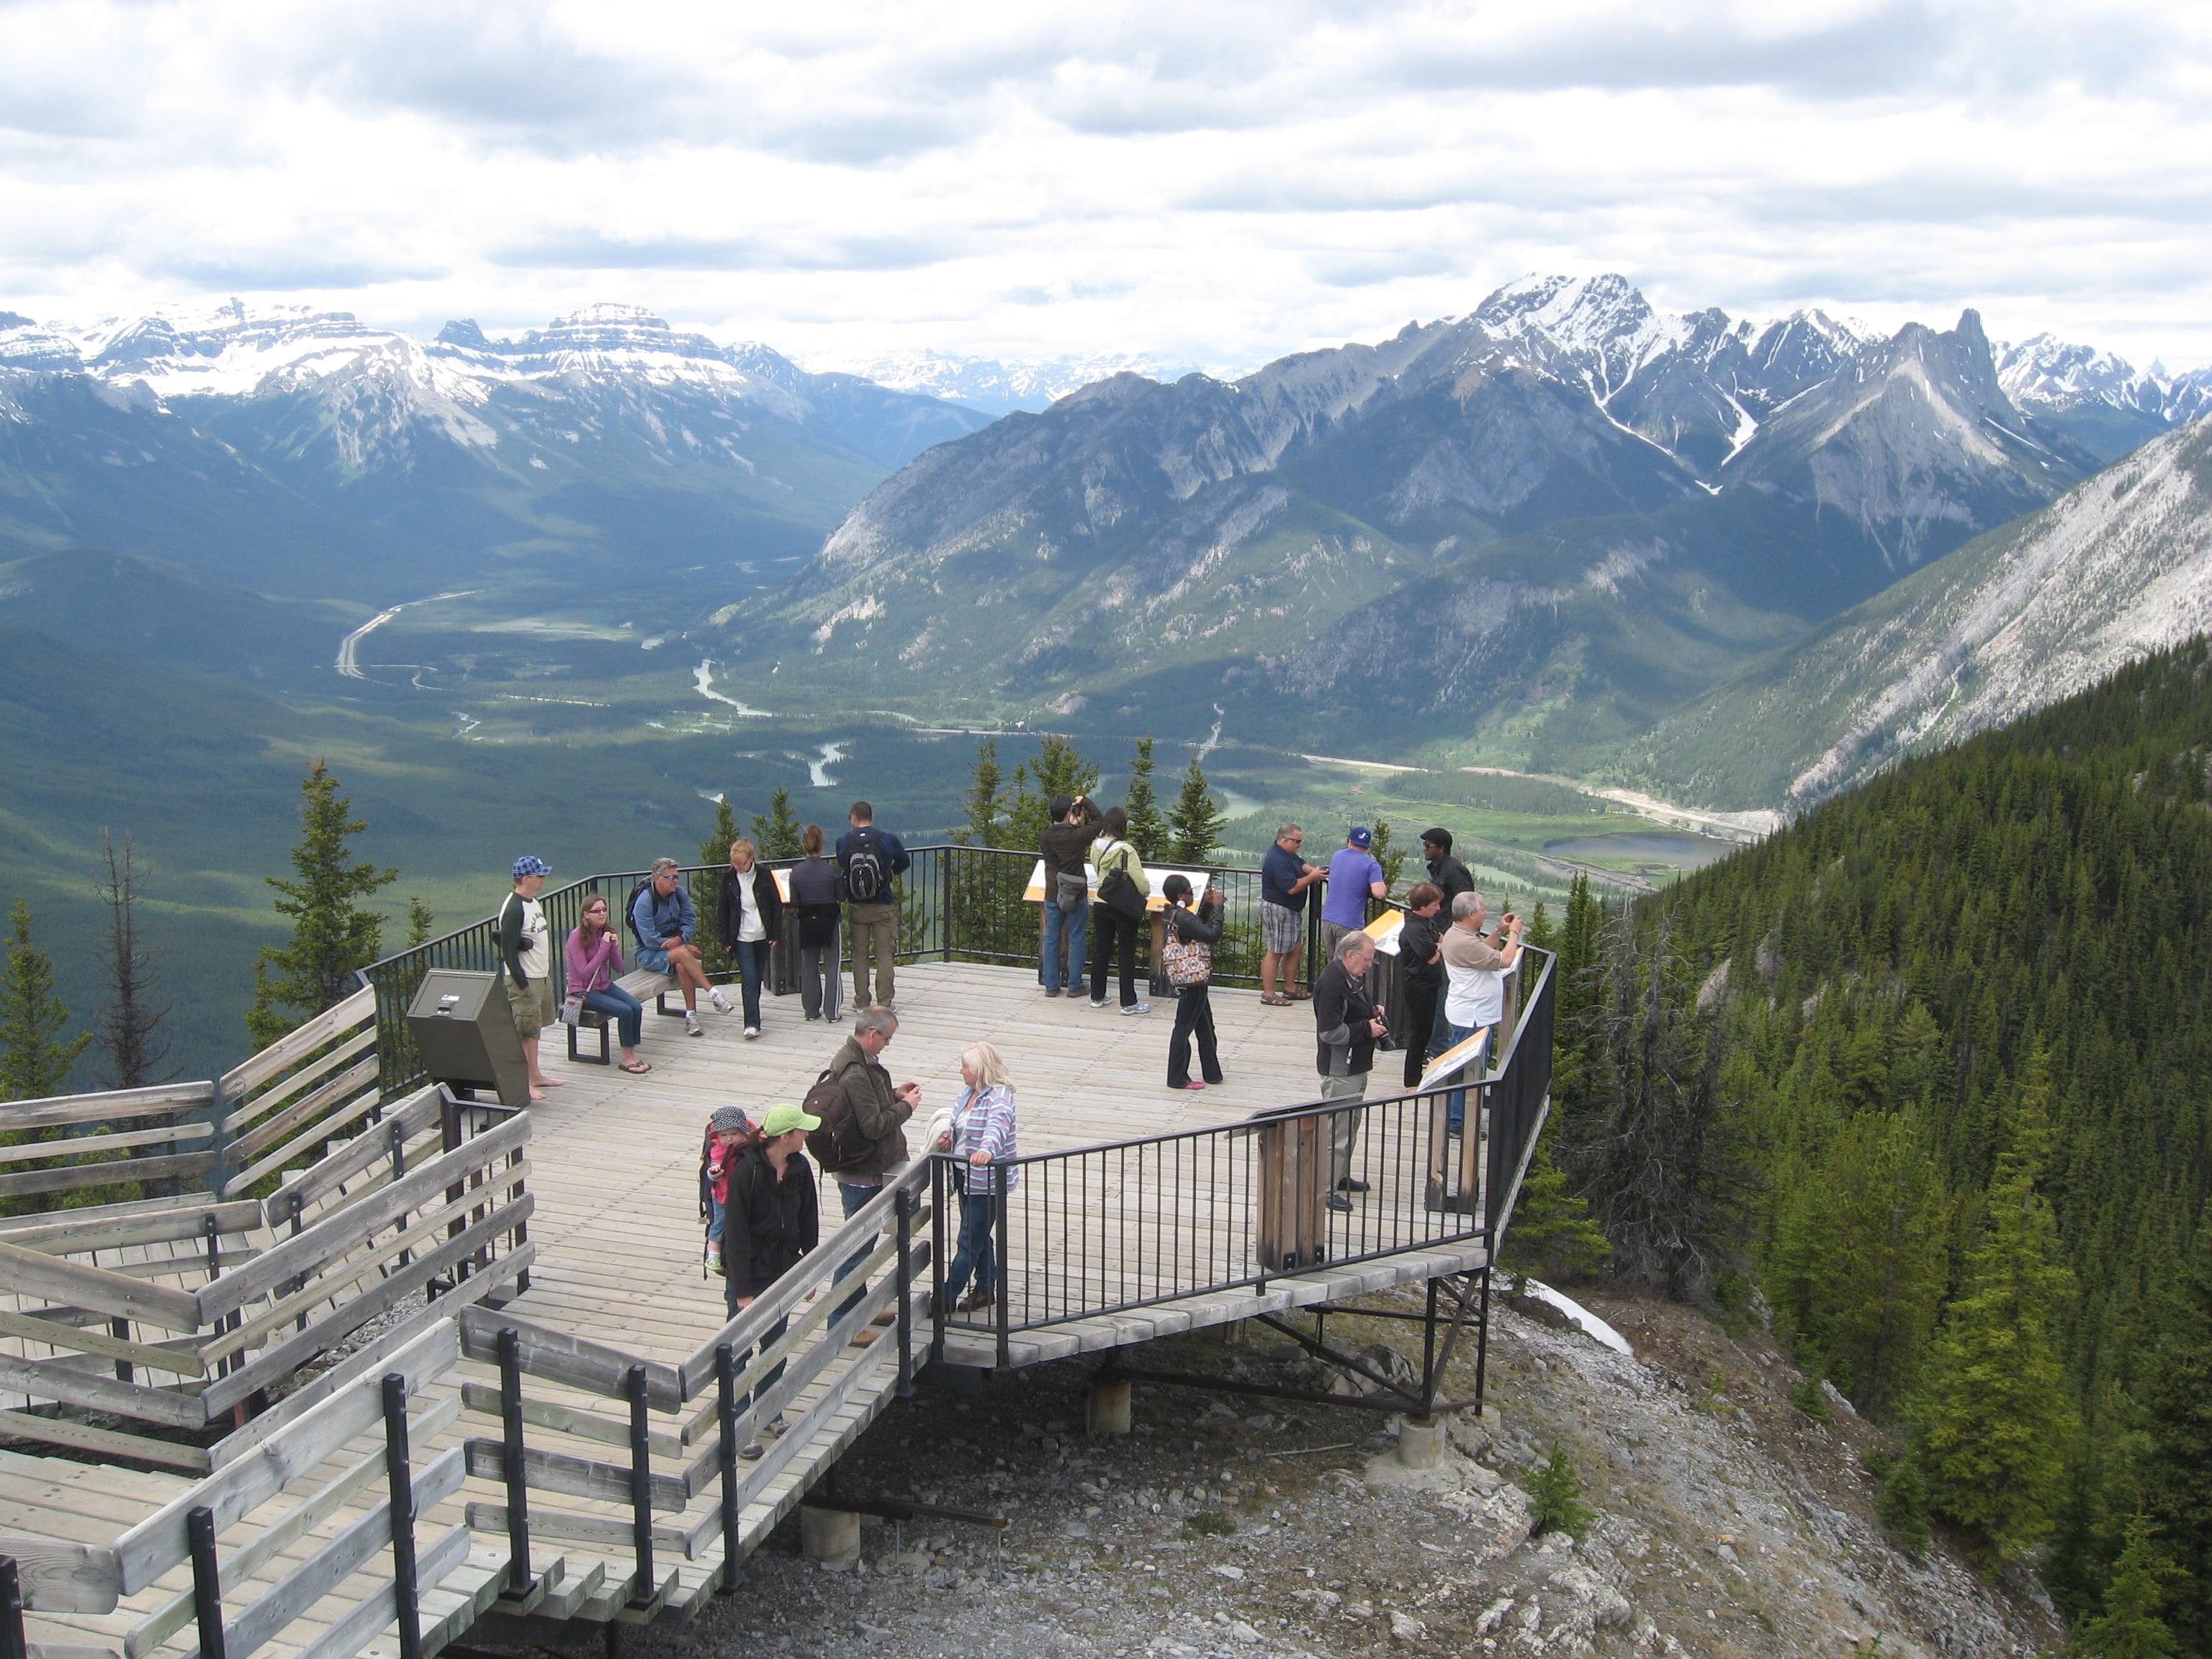 Groupe qui admirent les rocheuses depuis un observatoire.